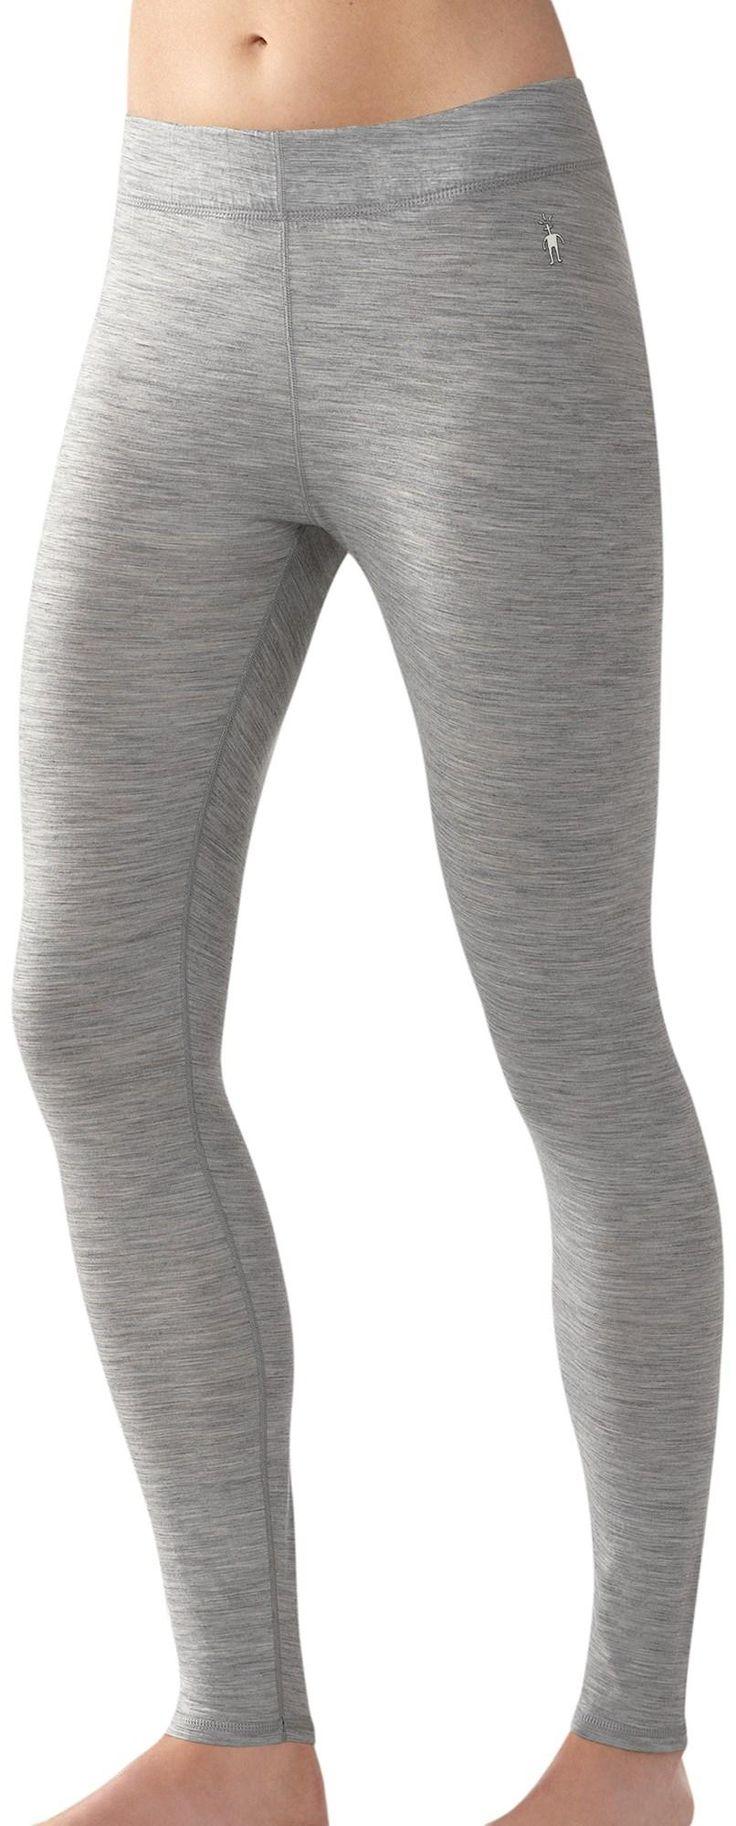 17 Best ideas about Long Underwear on Pinterest | Great white ...